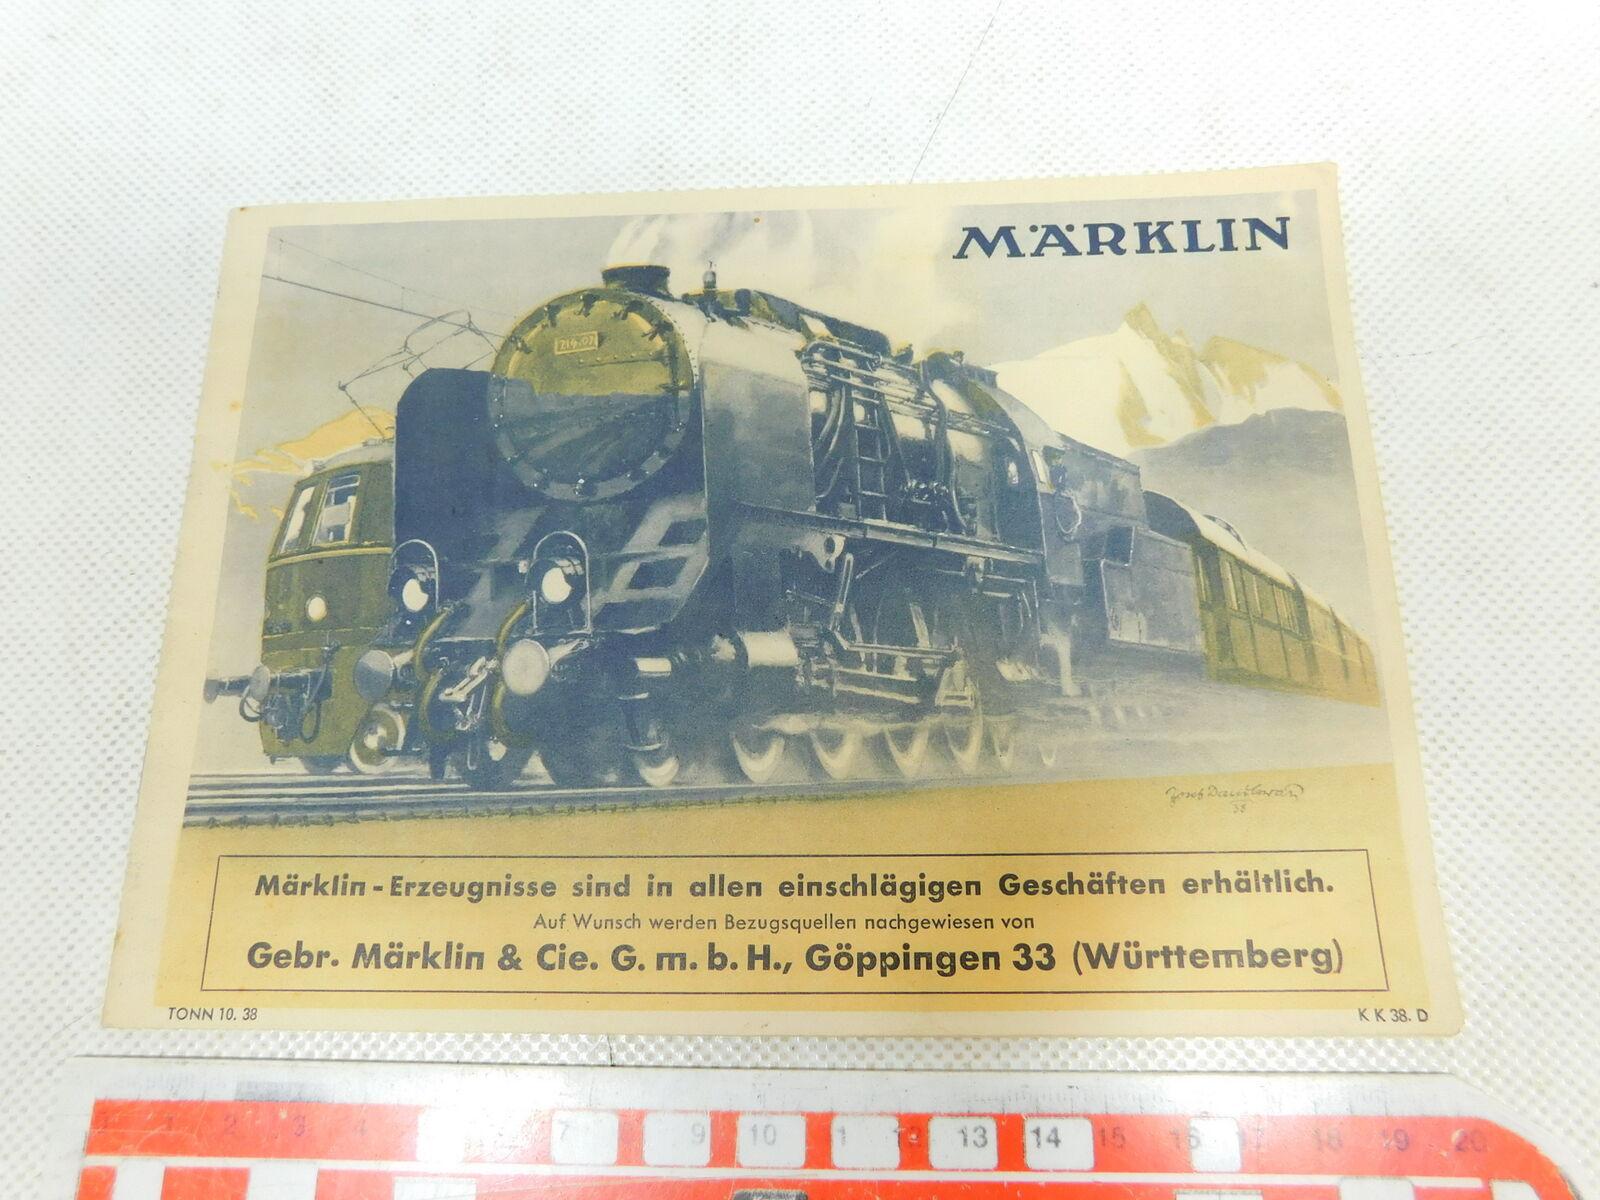 BW3320,5   marklin 00  Scala 0 Ecc. Catalogo K 38. D  Tonn 10. 38 di